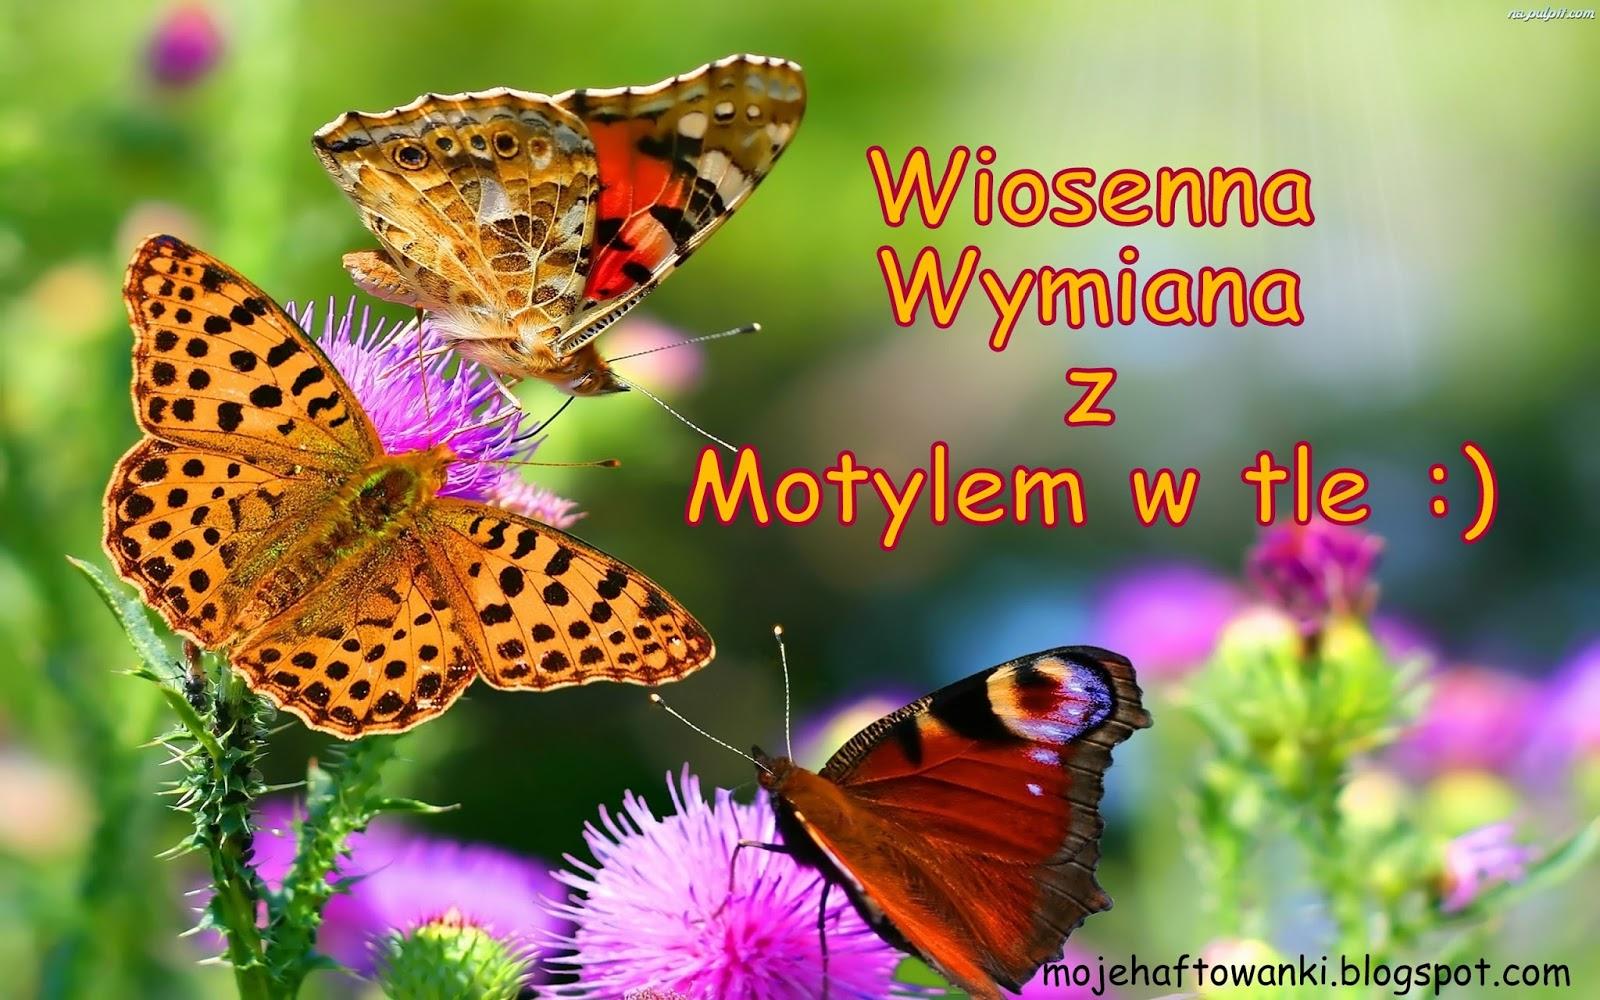 Motylkowa wymianka wiosenna